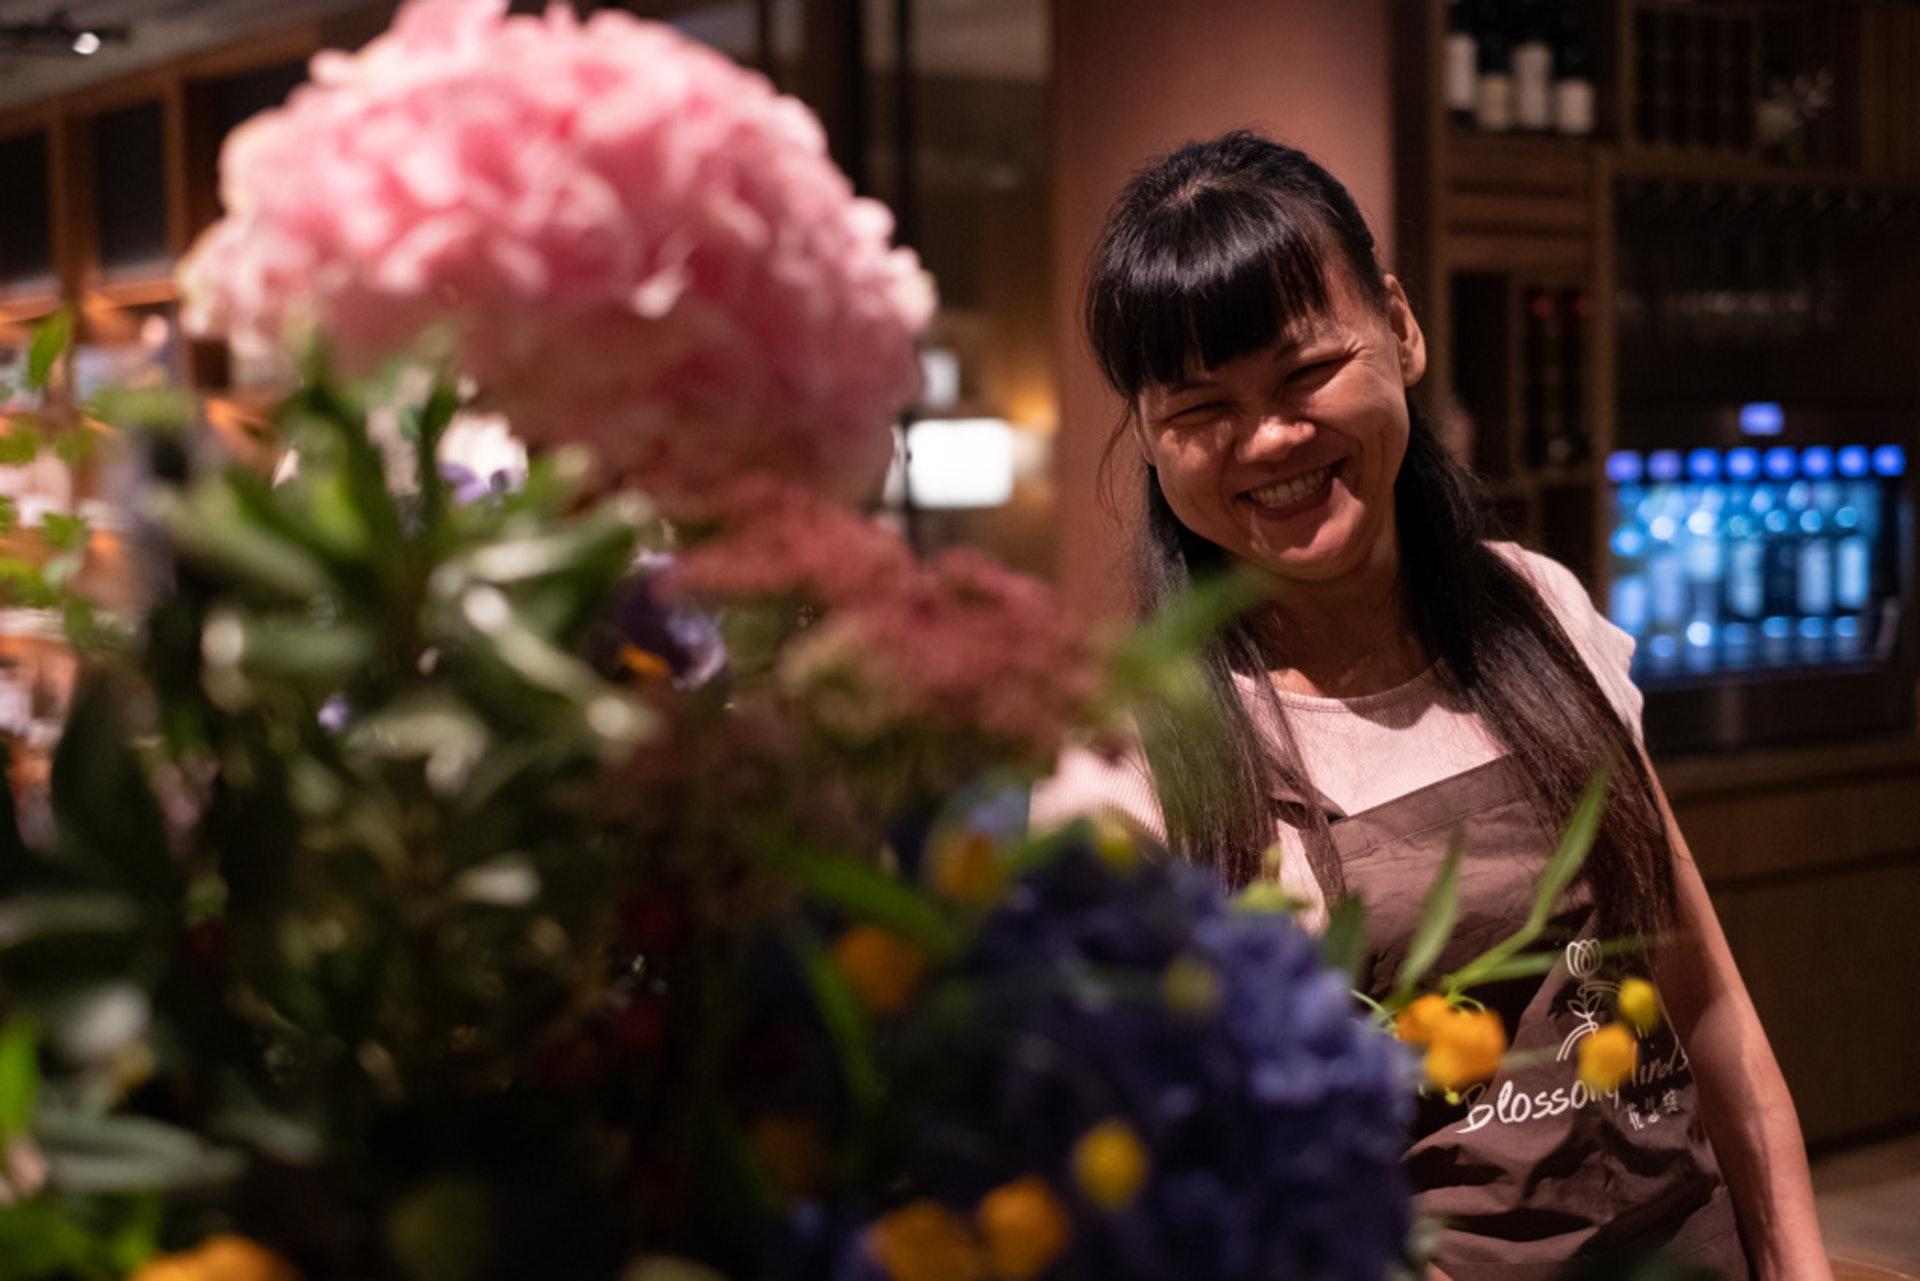 阿燕是馮玉玲於唐氏綜合協會認識的,當時馮在協會開辦訓練班,招聘對花藝有興趣或天分的特殊人士。